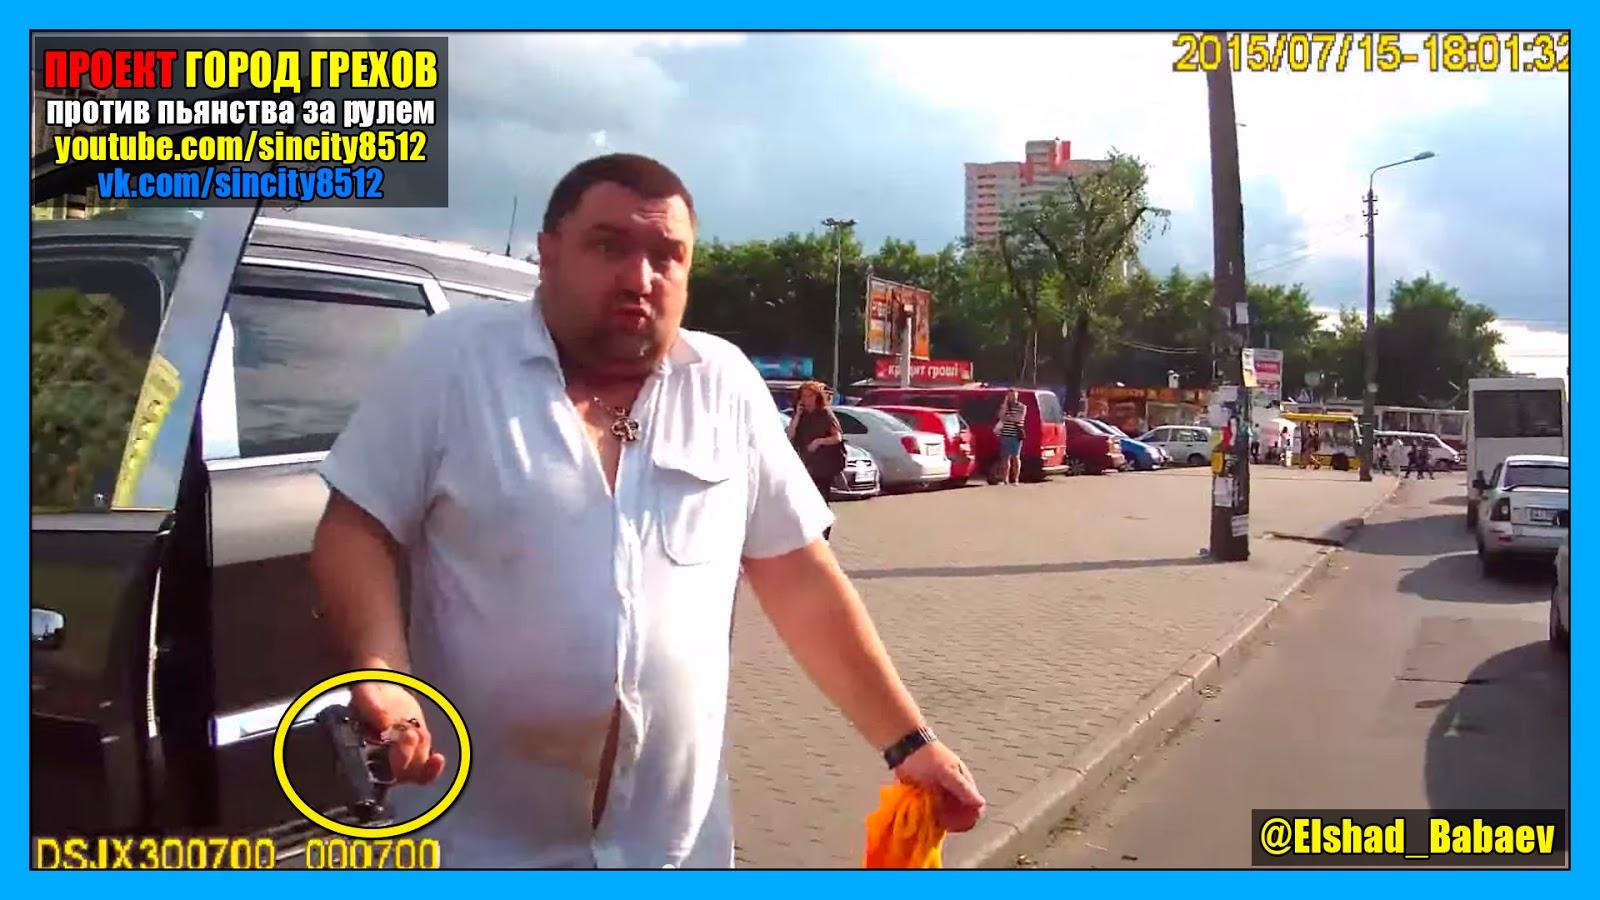 """Опубликованы фото с места ДТП с участием Федорко: """"До какой же степени нужно себя не контролировать?!"""", - Геращенко - Цензор.НЕТ 4843"""